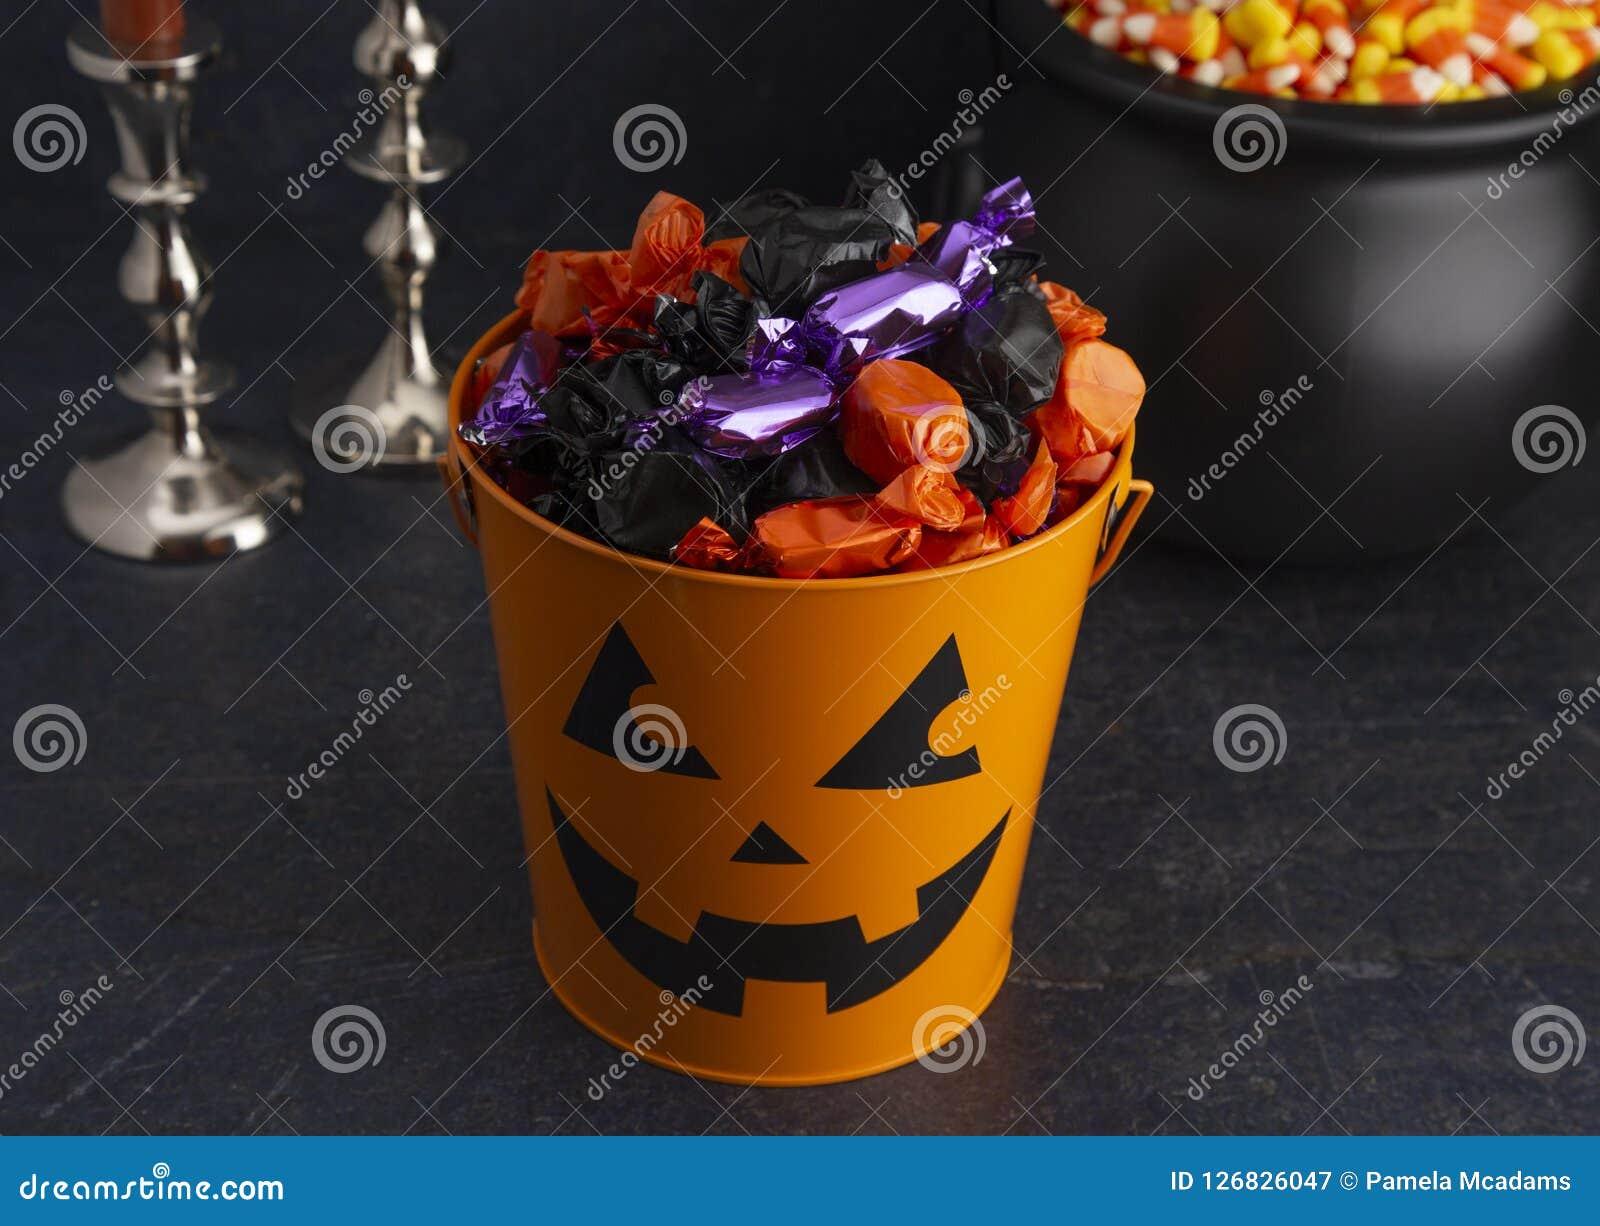 南瓜桶充满各种各样的被包裹的糖果